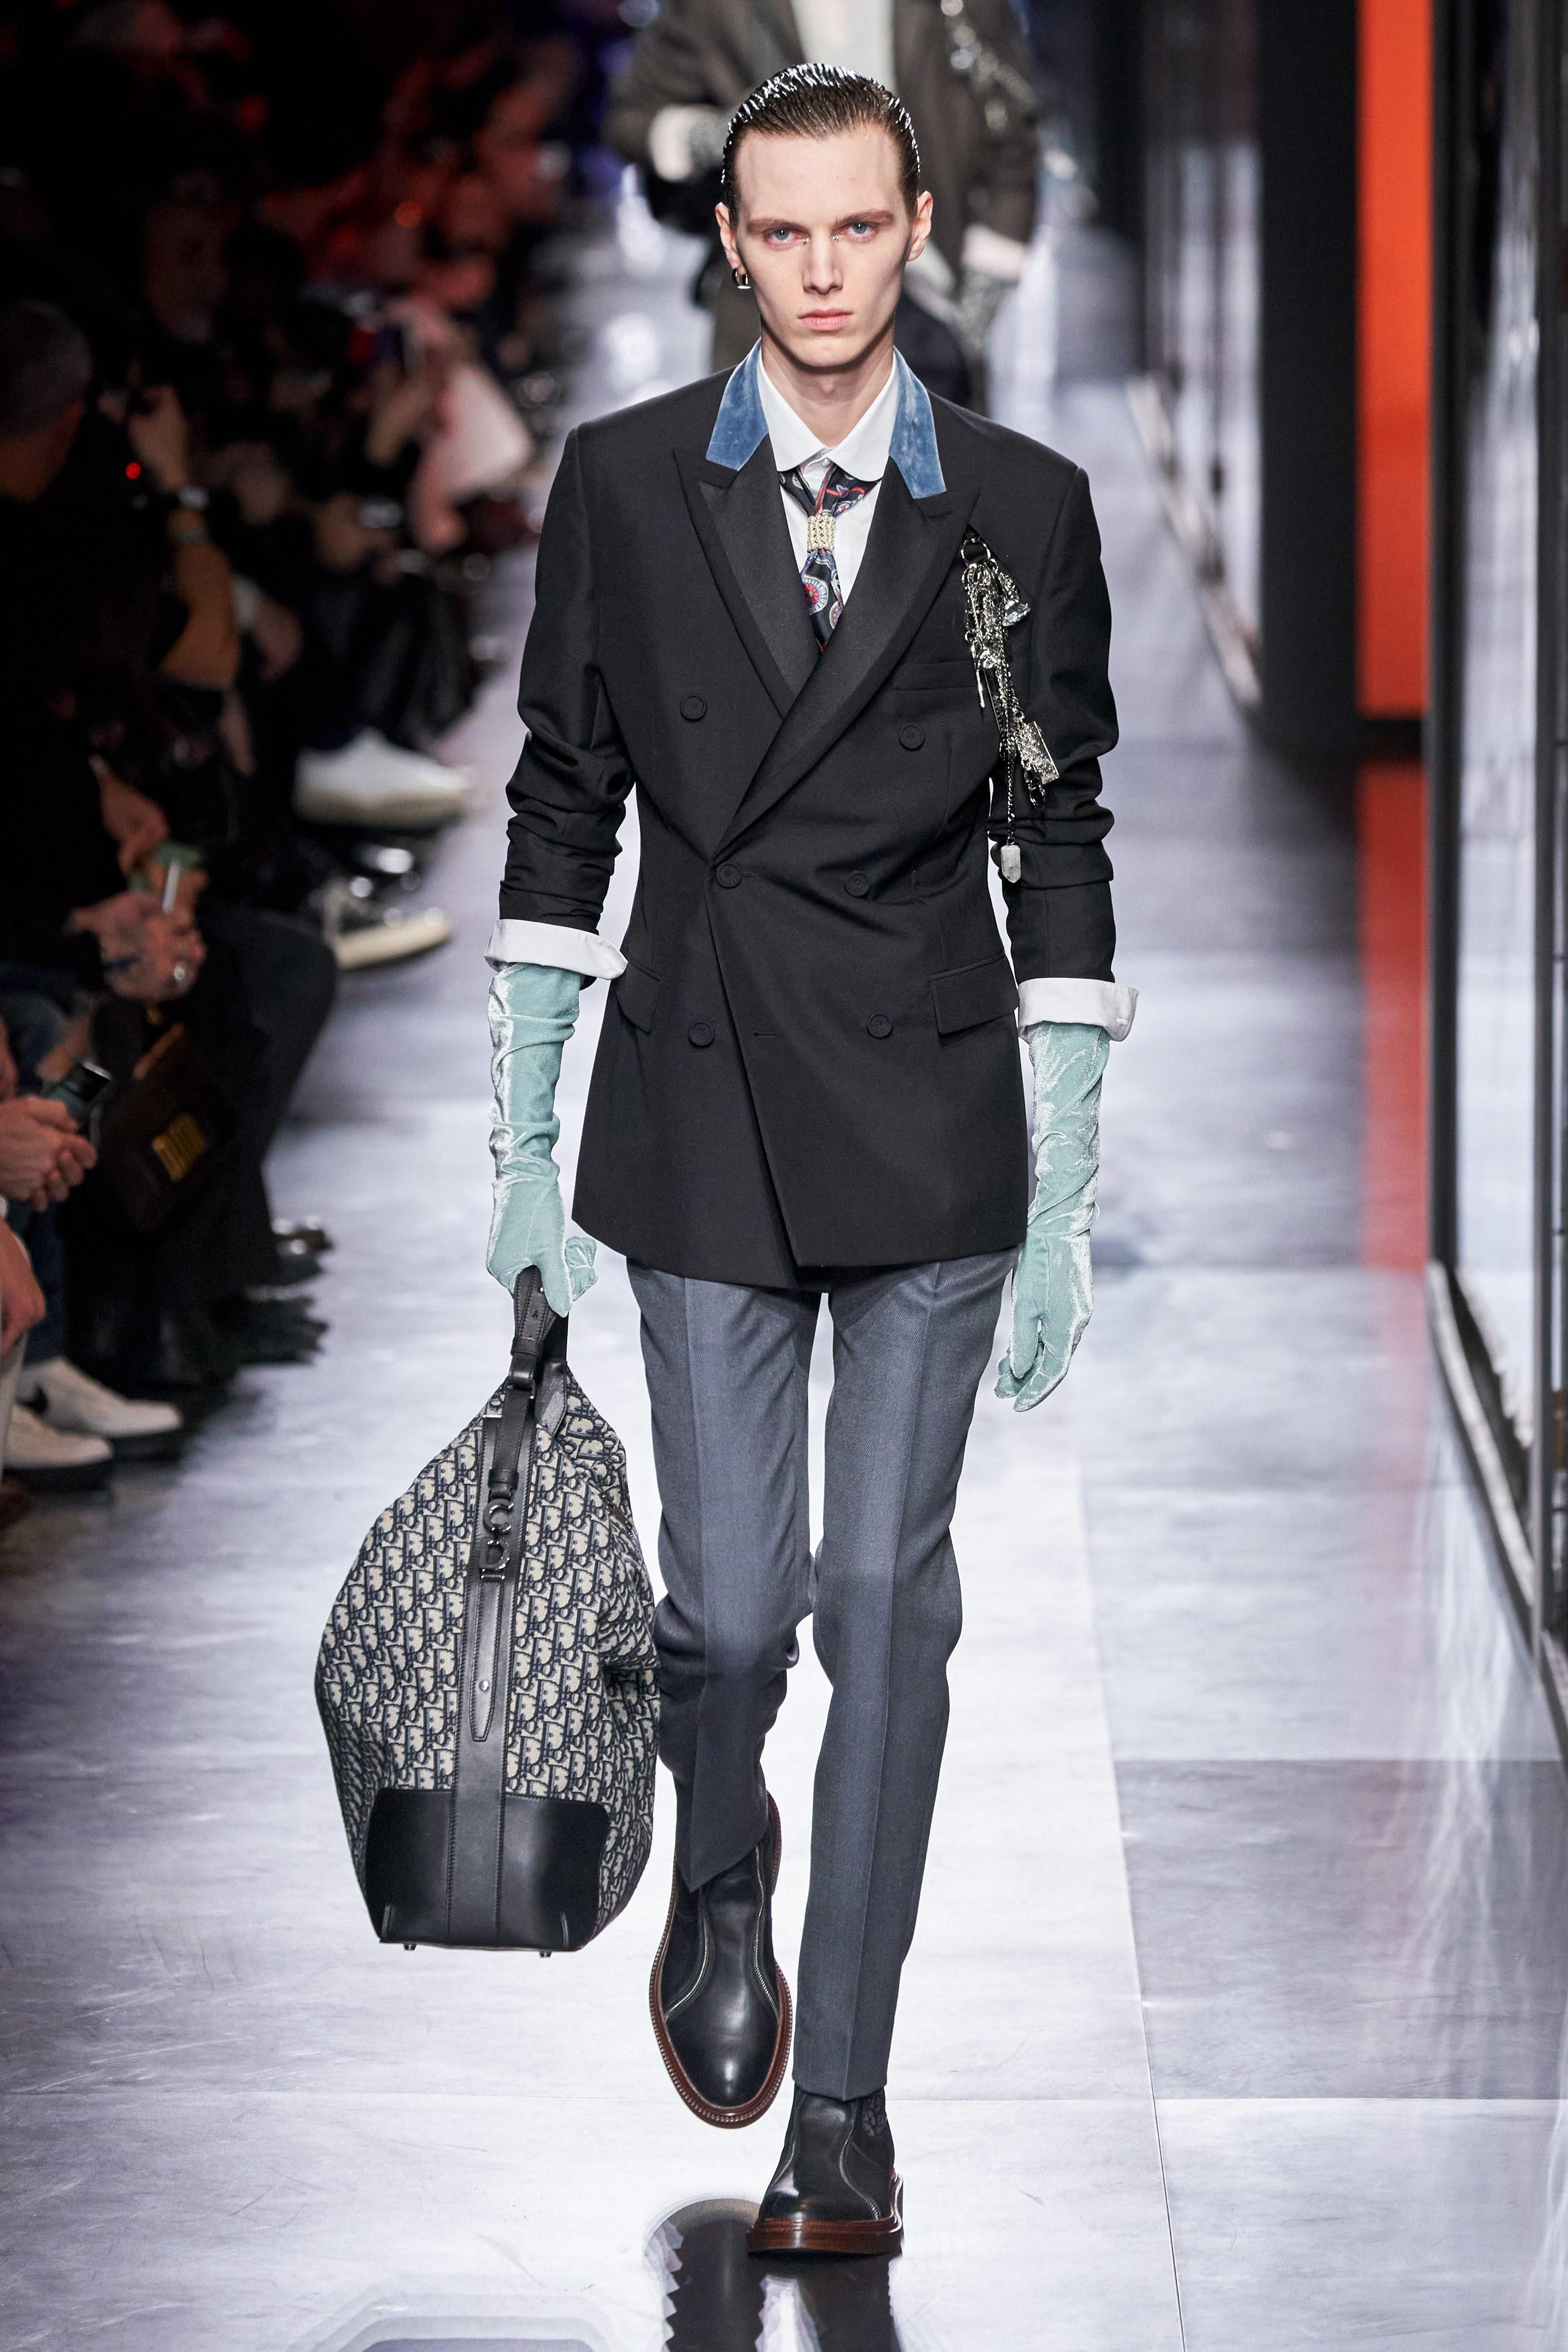 Áo khoác hoa, găng tay dài - Dior nâng thời trang nam lên tầm cao mới Ảnh 21